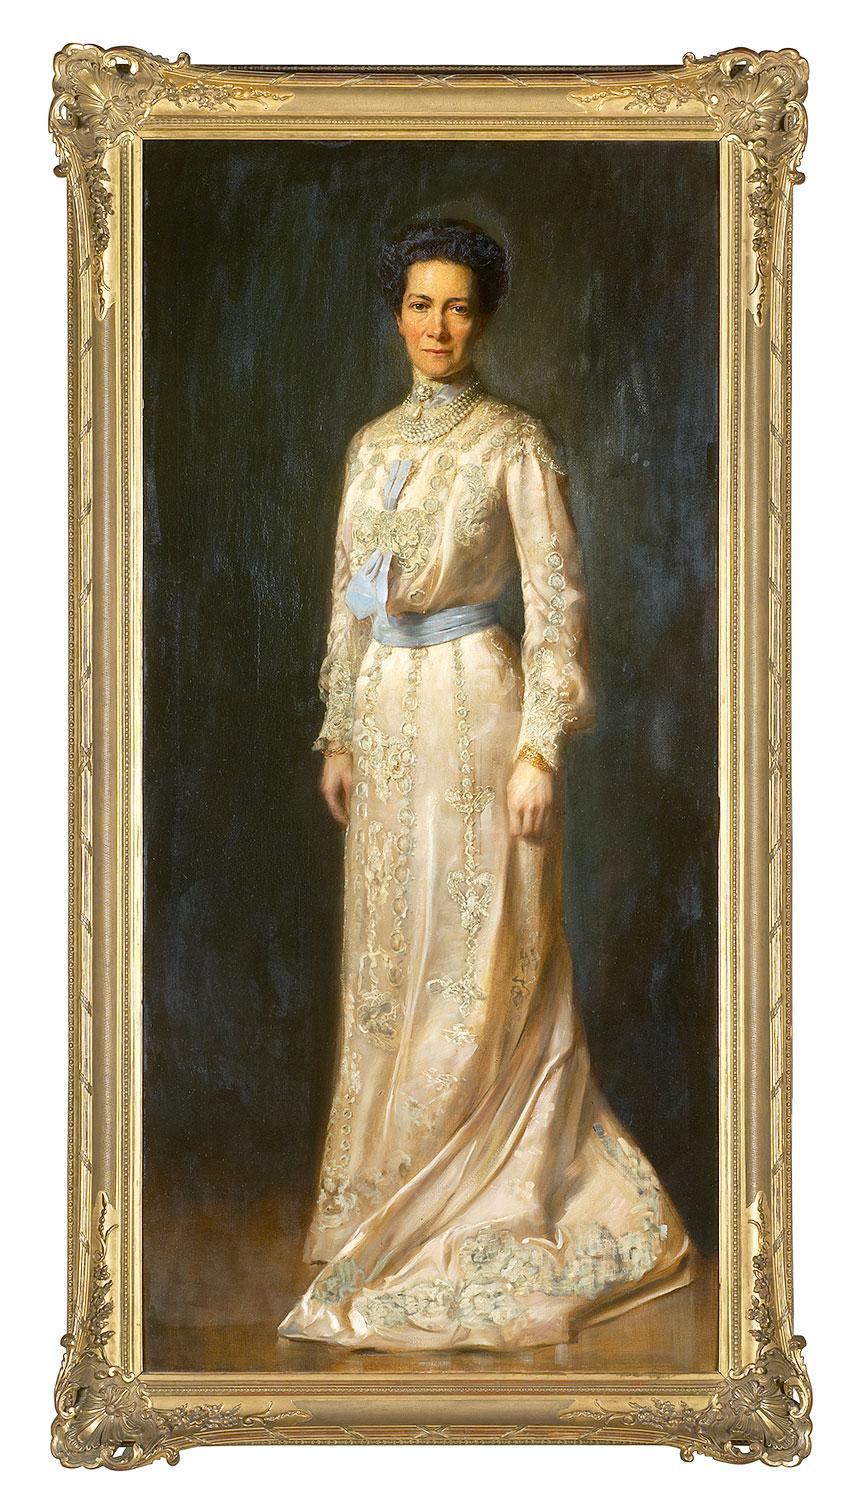 e18899d82ae9 Queen Victoria 1862-1930 - Kungliga slotten